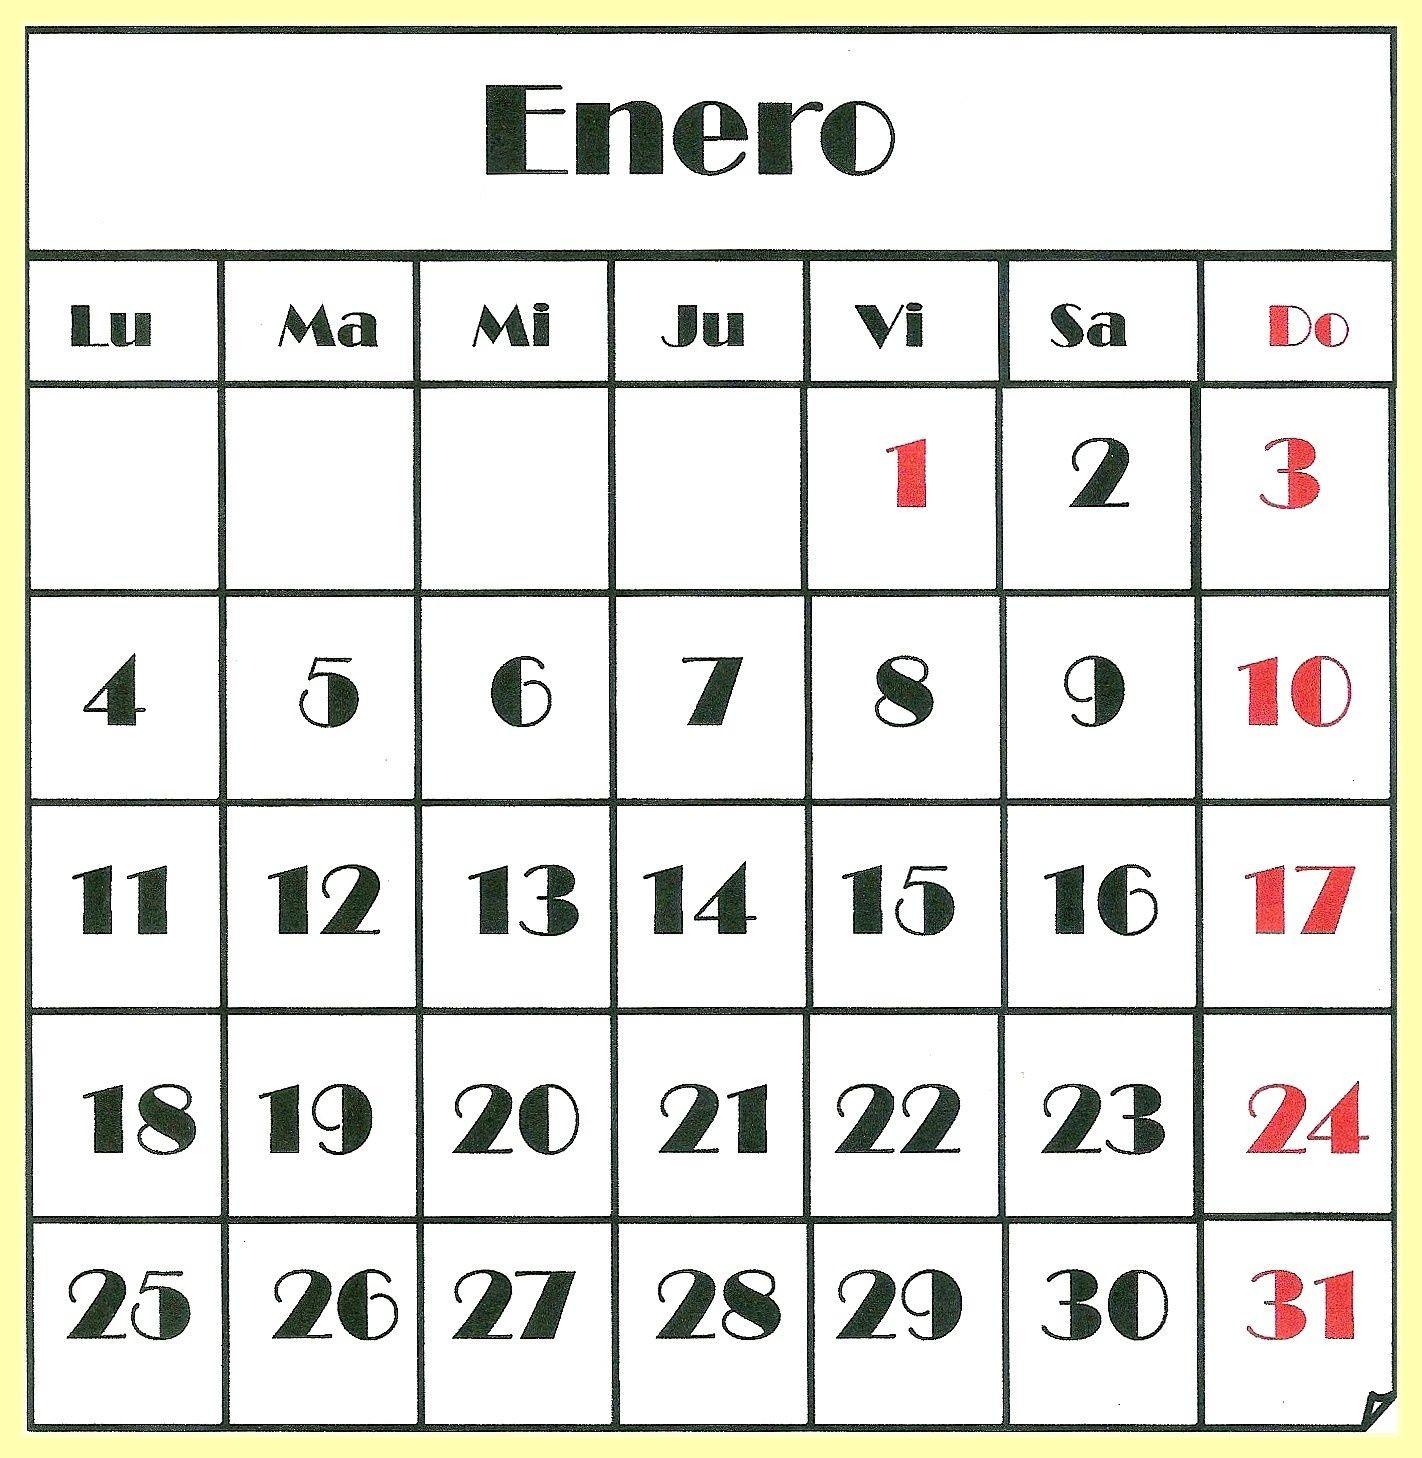 Imprimir Calendario 2017 Colombia Recientes Almanaques Mes Enero 2016 Related Keywords & Suggestions Of Imprimir Calendario 2017 Colombia Mejores Y Más Novedosos Inicio